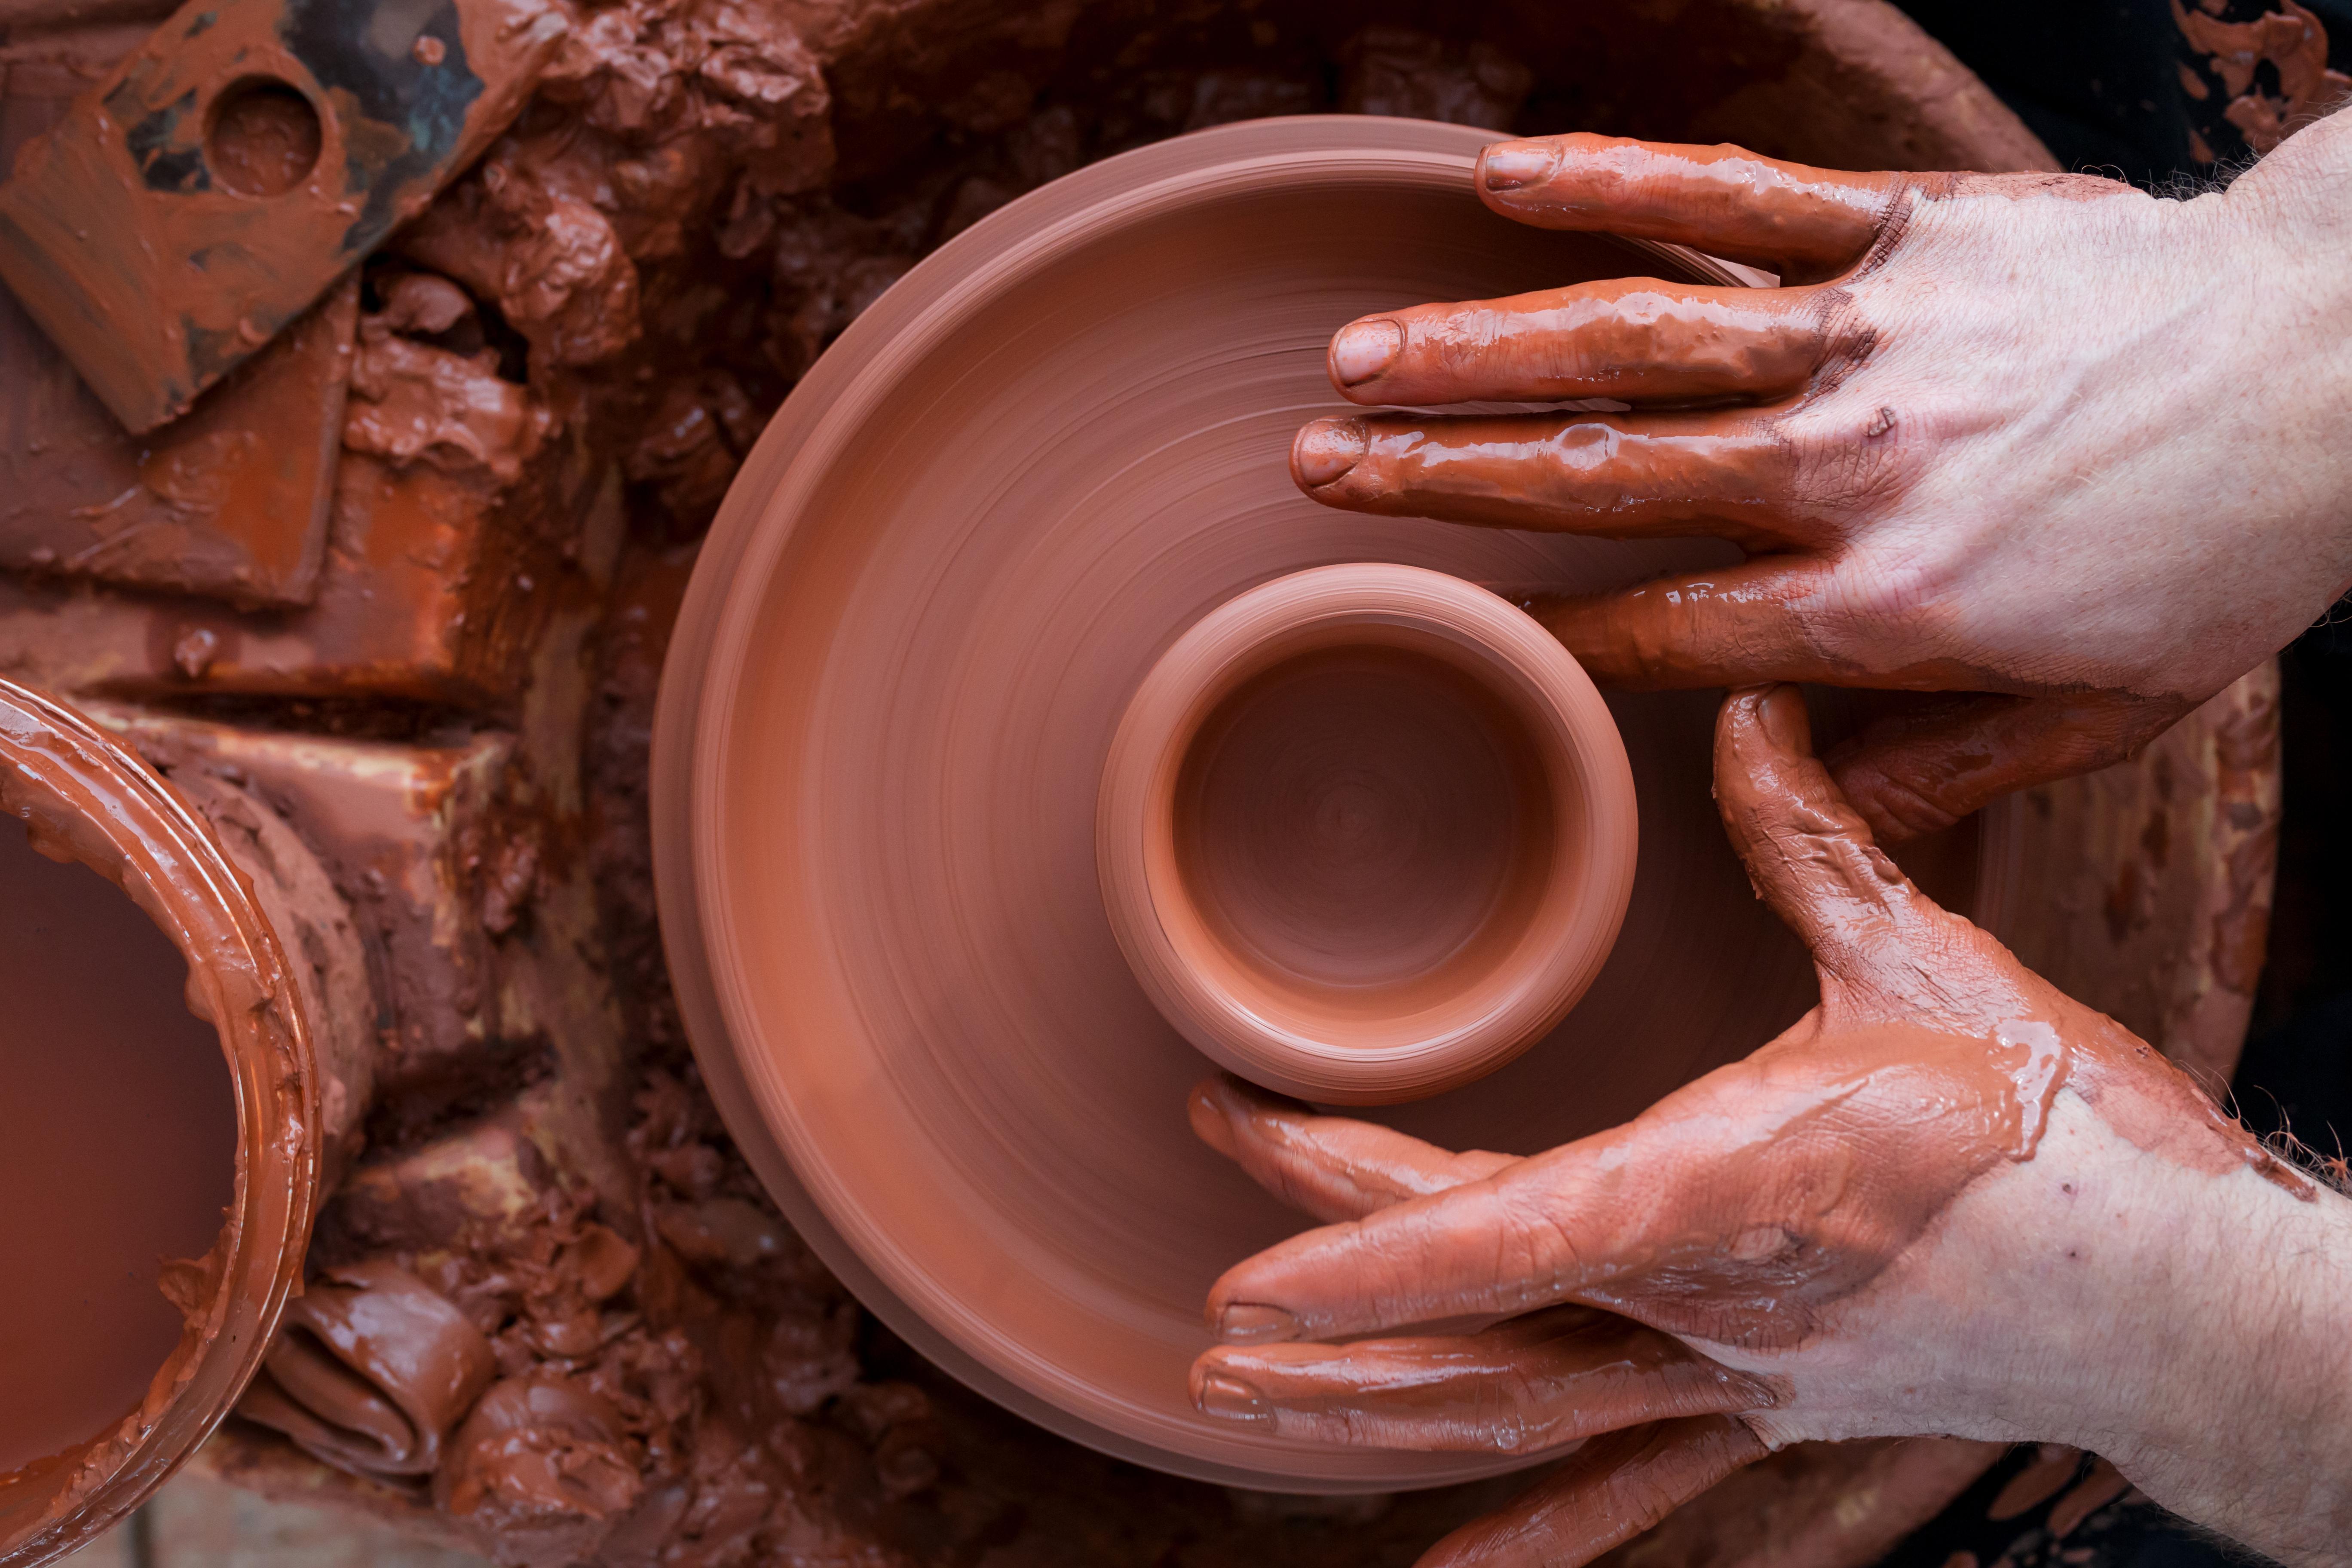 Arti e Mestieri: aperte iscrizioni per laboratori in ceramica, taglio e cucito, cesteria